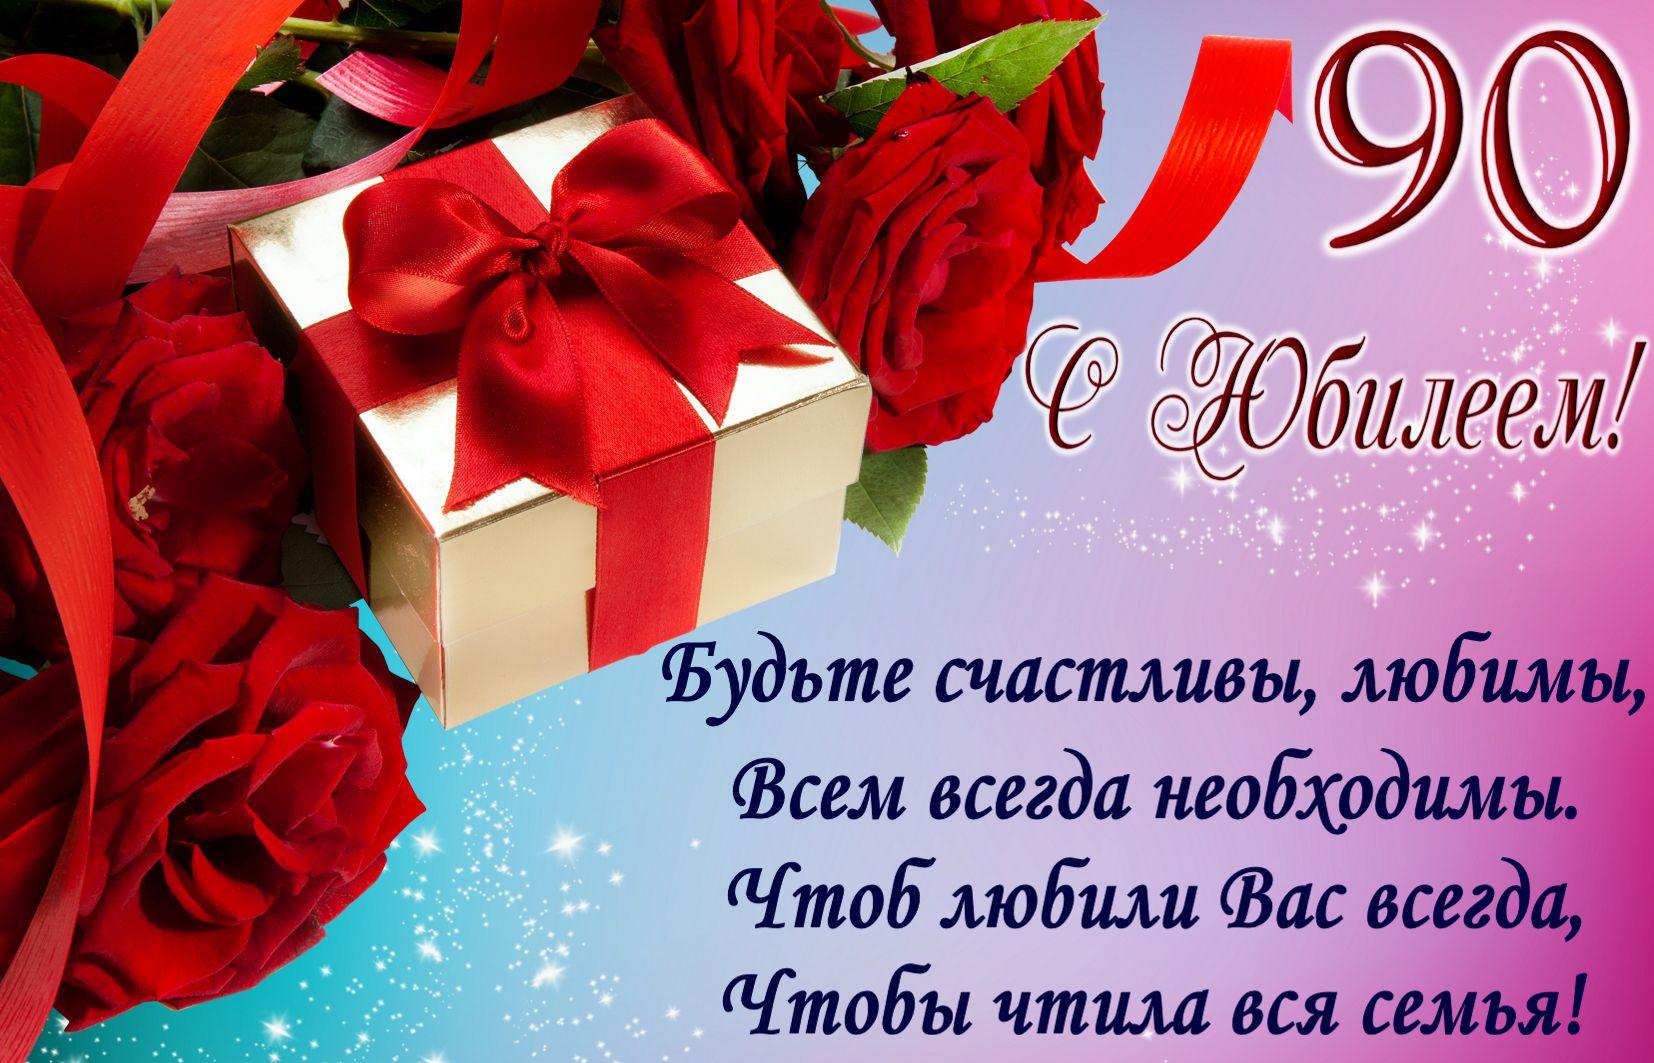 Подарок и розы с пожеланием на юбилей 90 лет